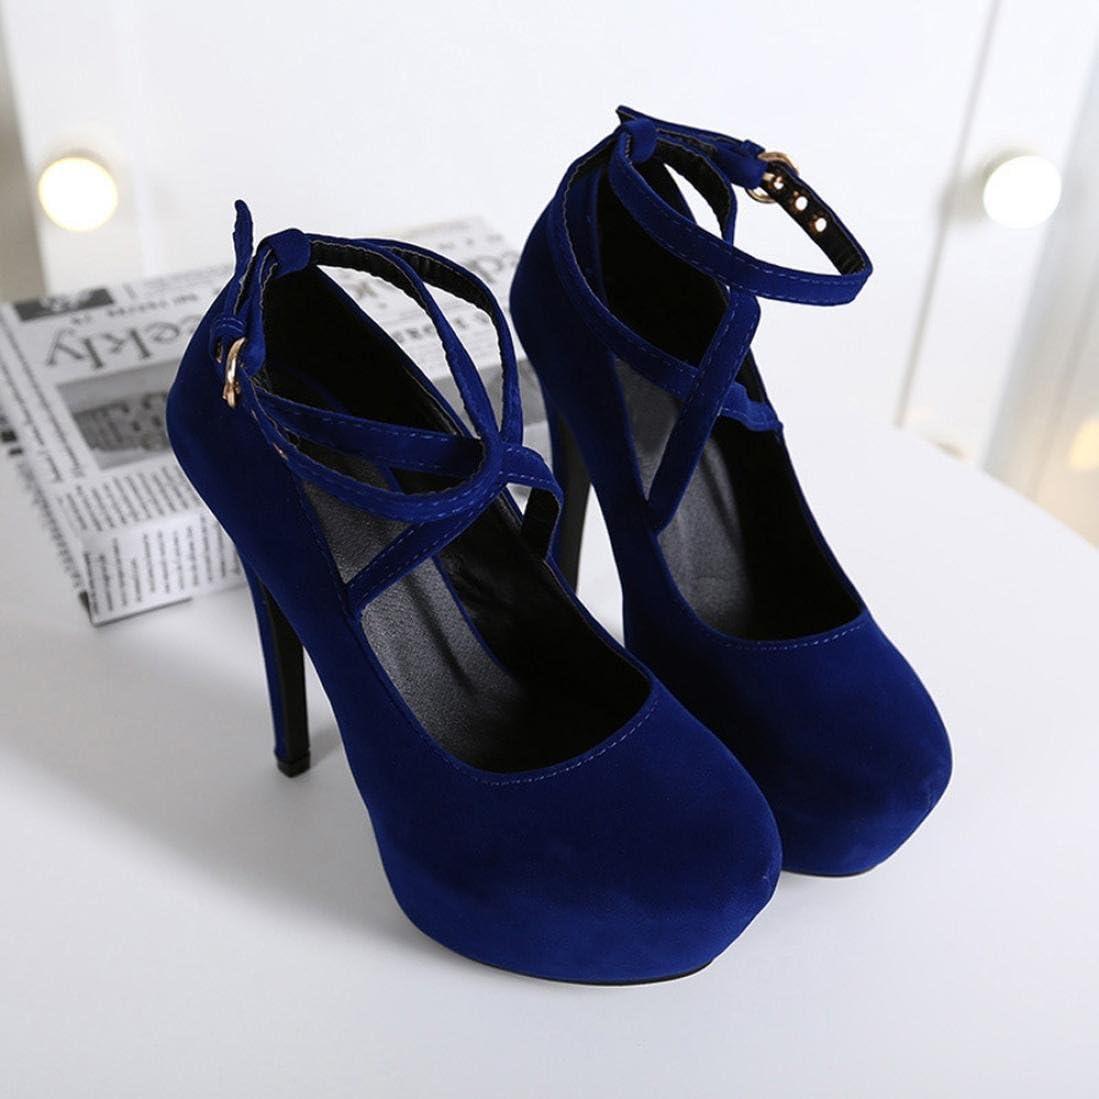 Femmes Sandales Printemps /Ét/é D/écontract/é Mince Talons Chaussures Shallow /à Talons Hauts Simples Chaussures GreatestPAK